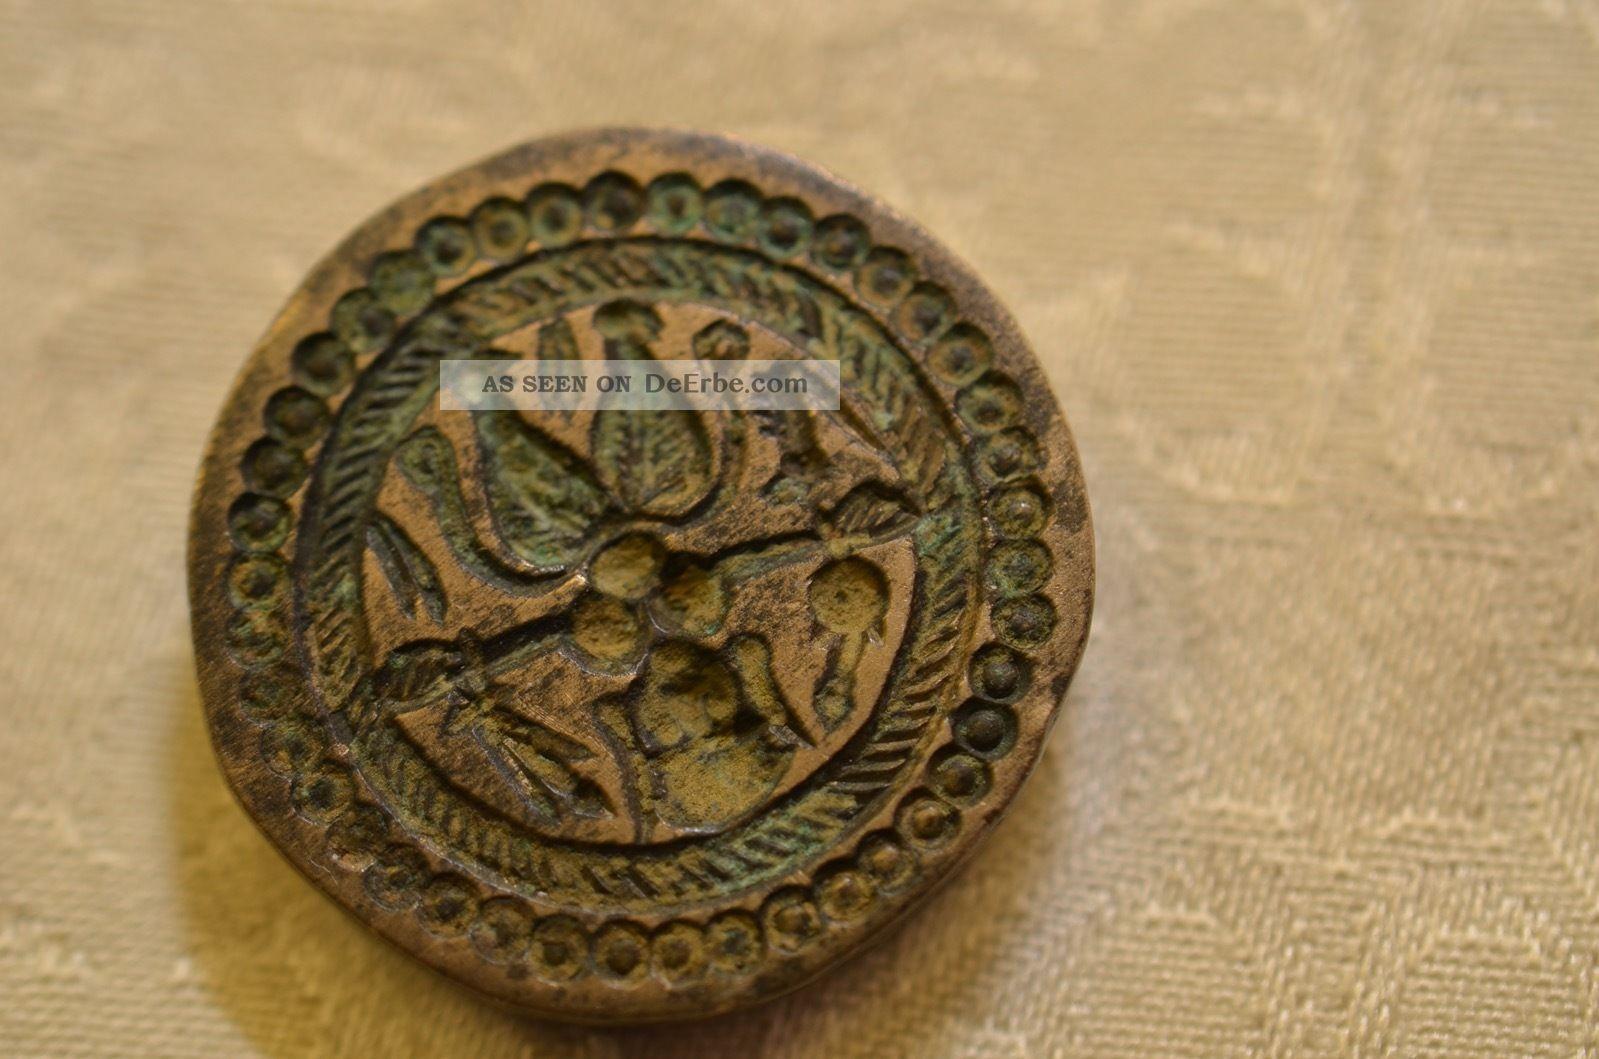 Altes Ausgefallenes Bronze Siegel Um 1900 Antike Originale vor 1945 Bild